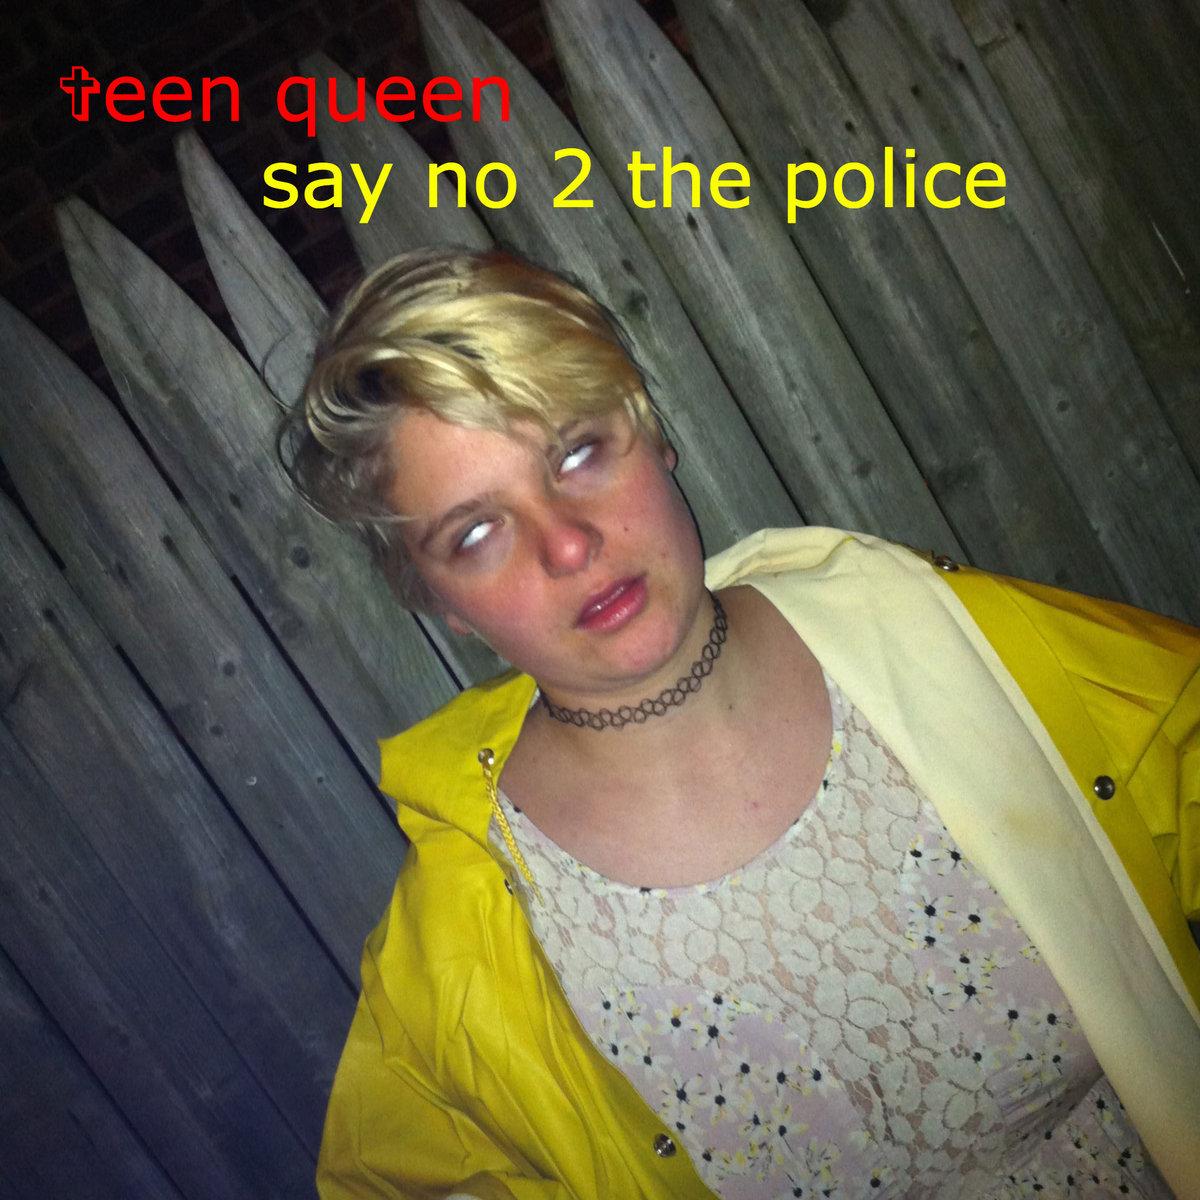 Teen electro